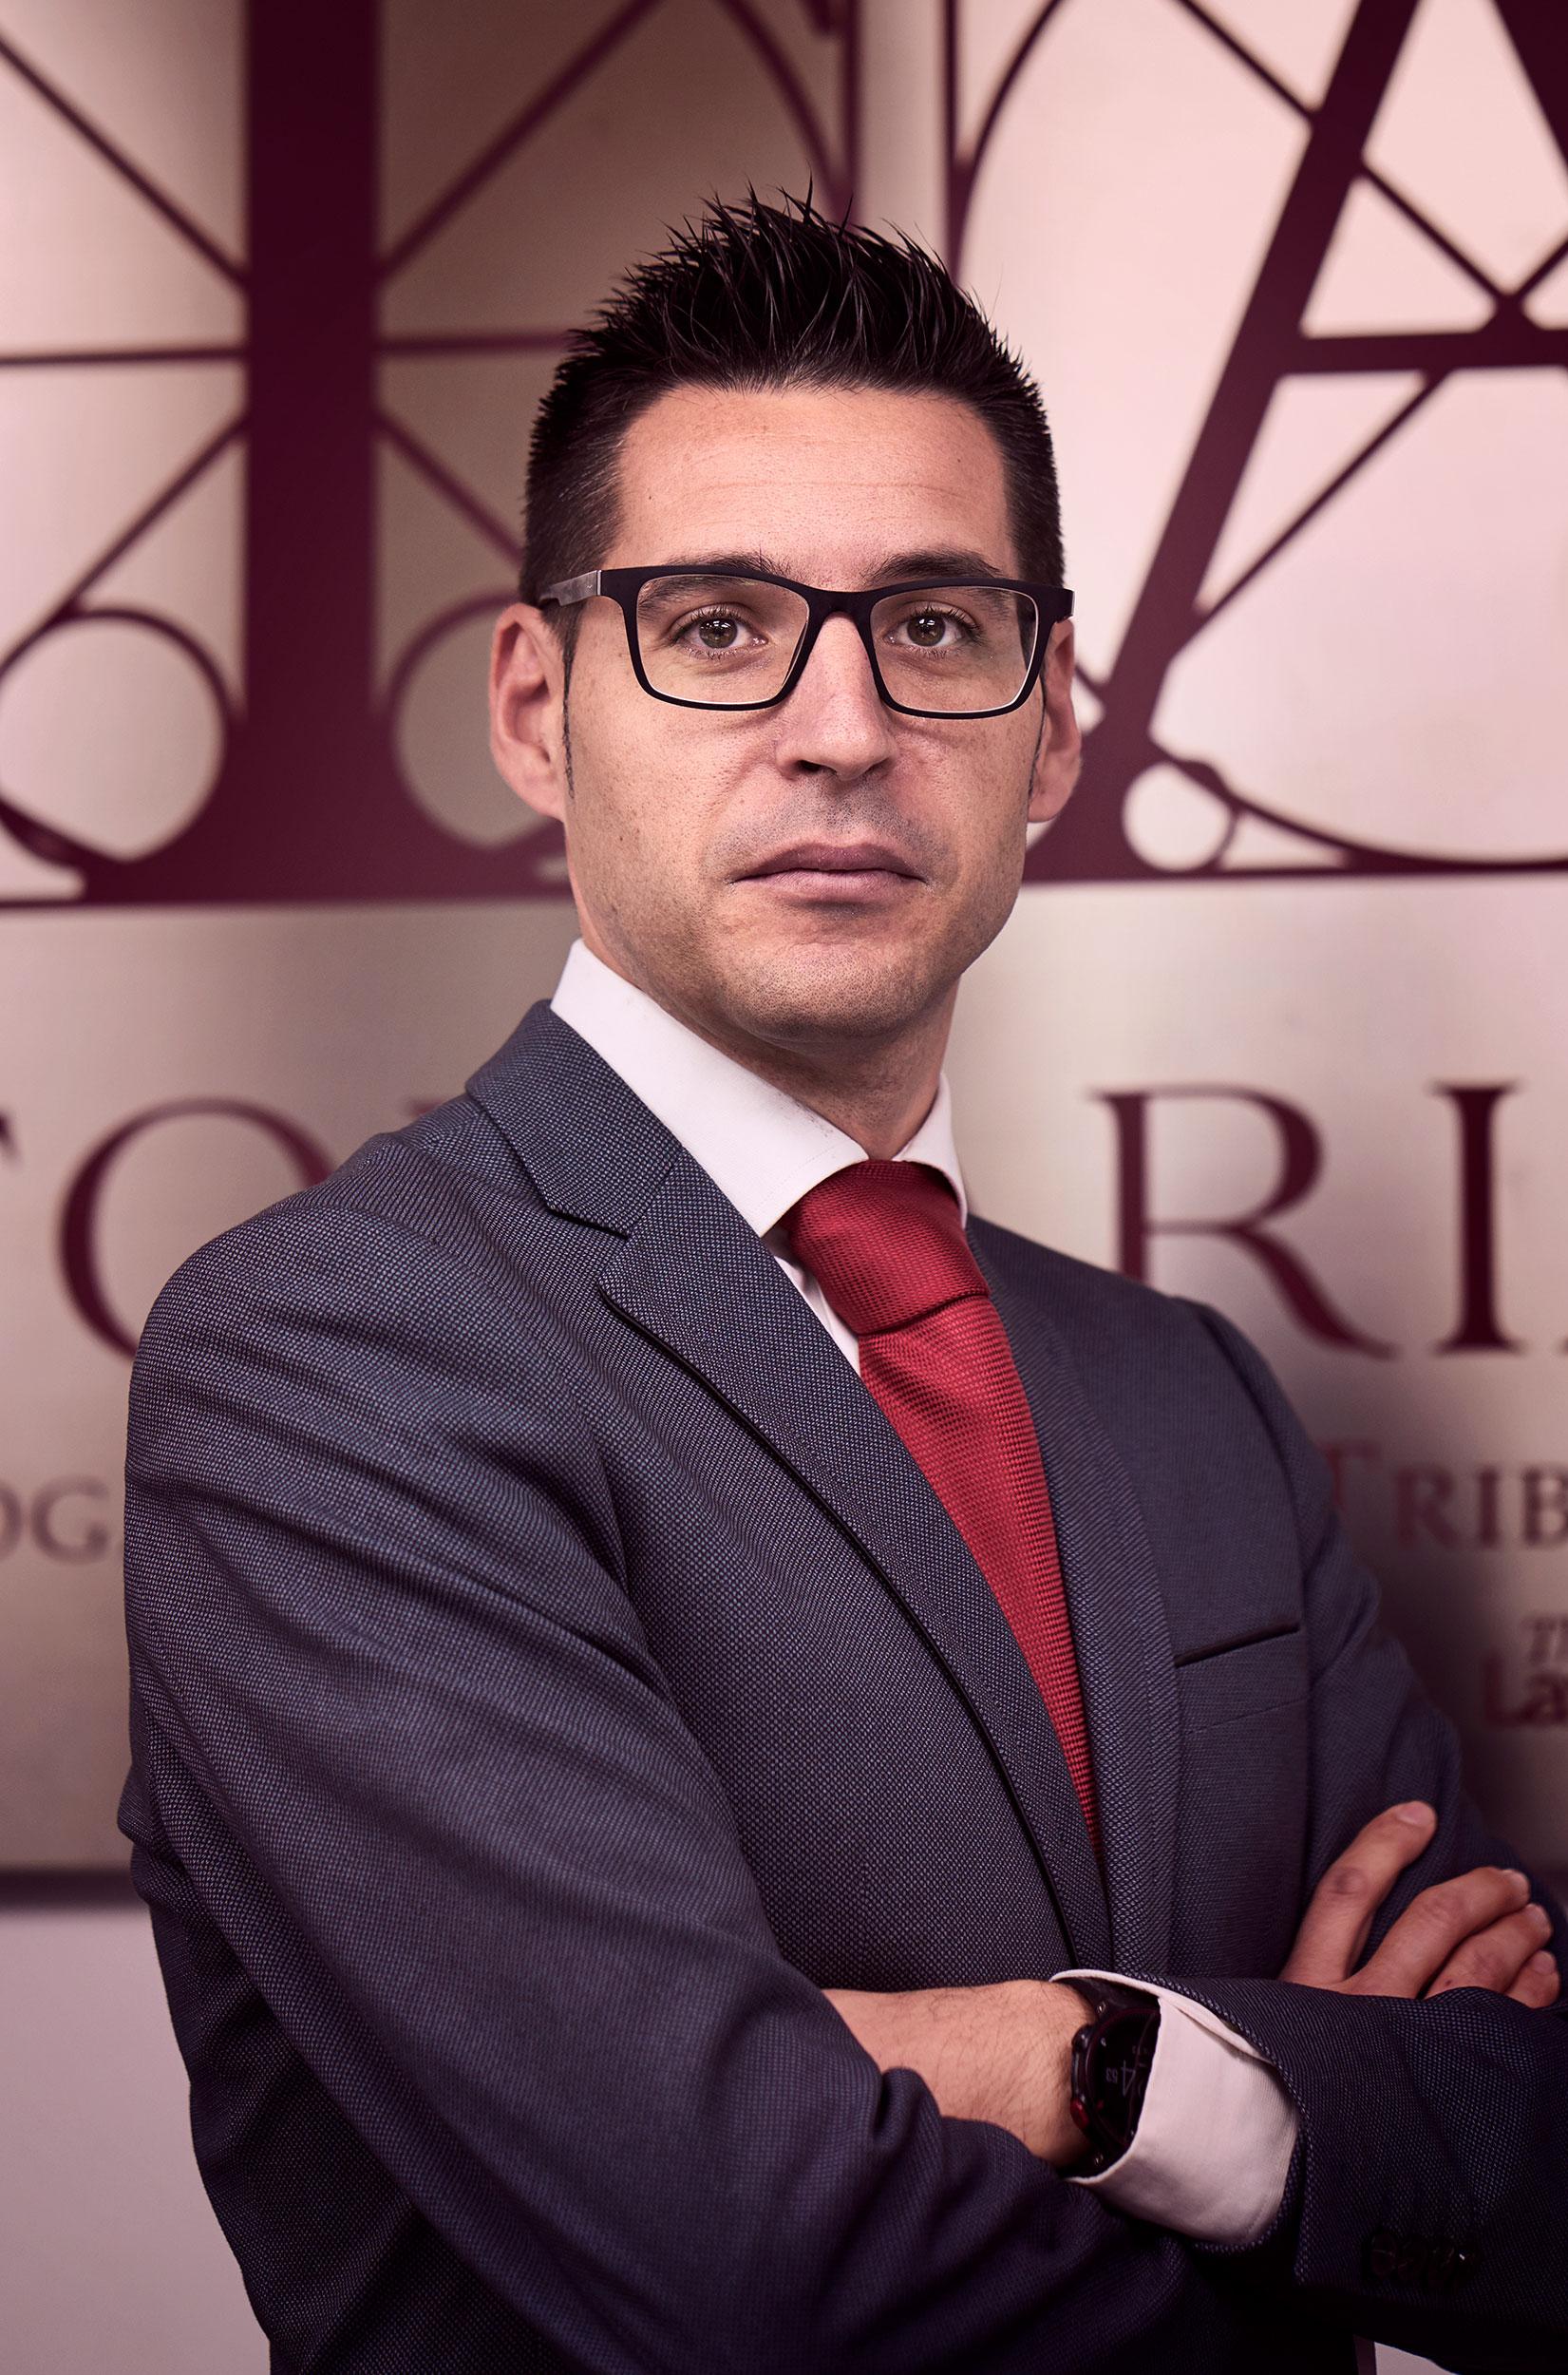 Carlos Miralles Izquierdo